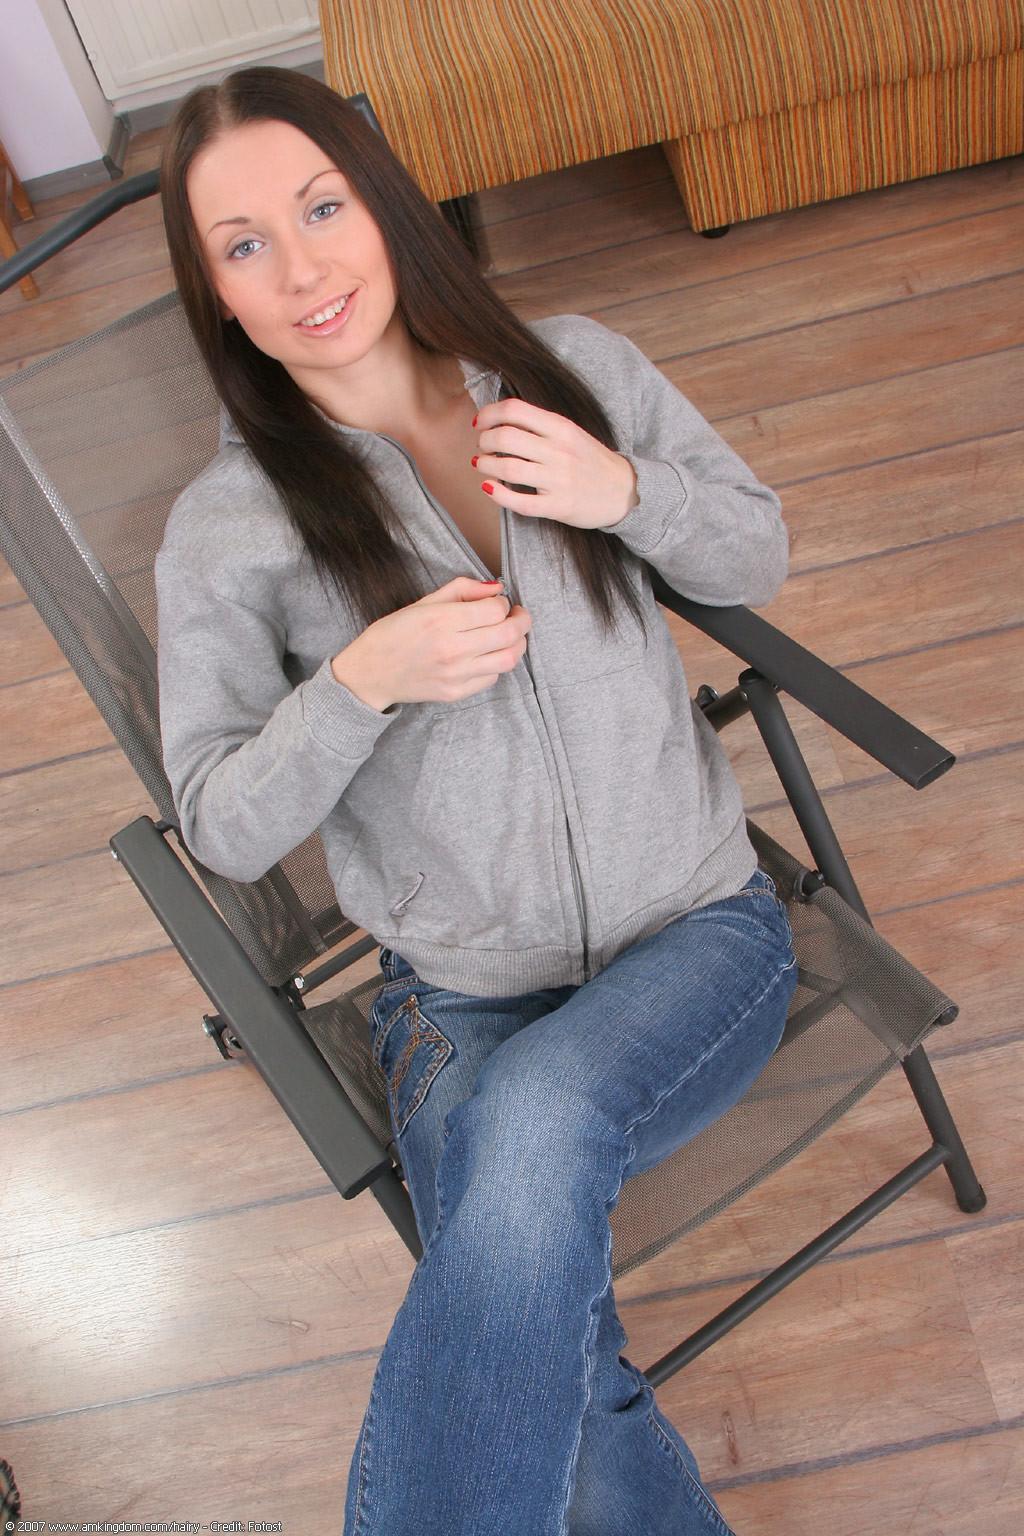 Молдаванка с плоской грудью и волосатой пиздой